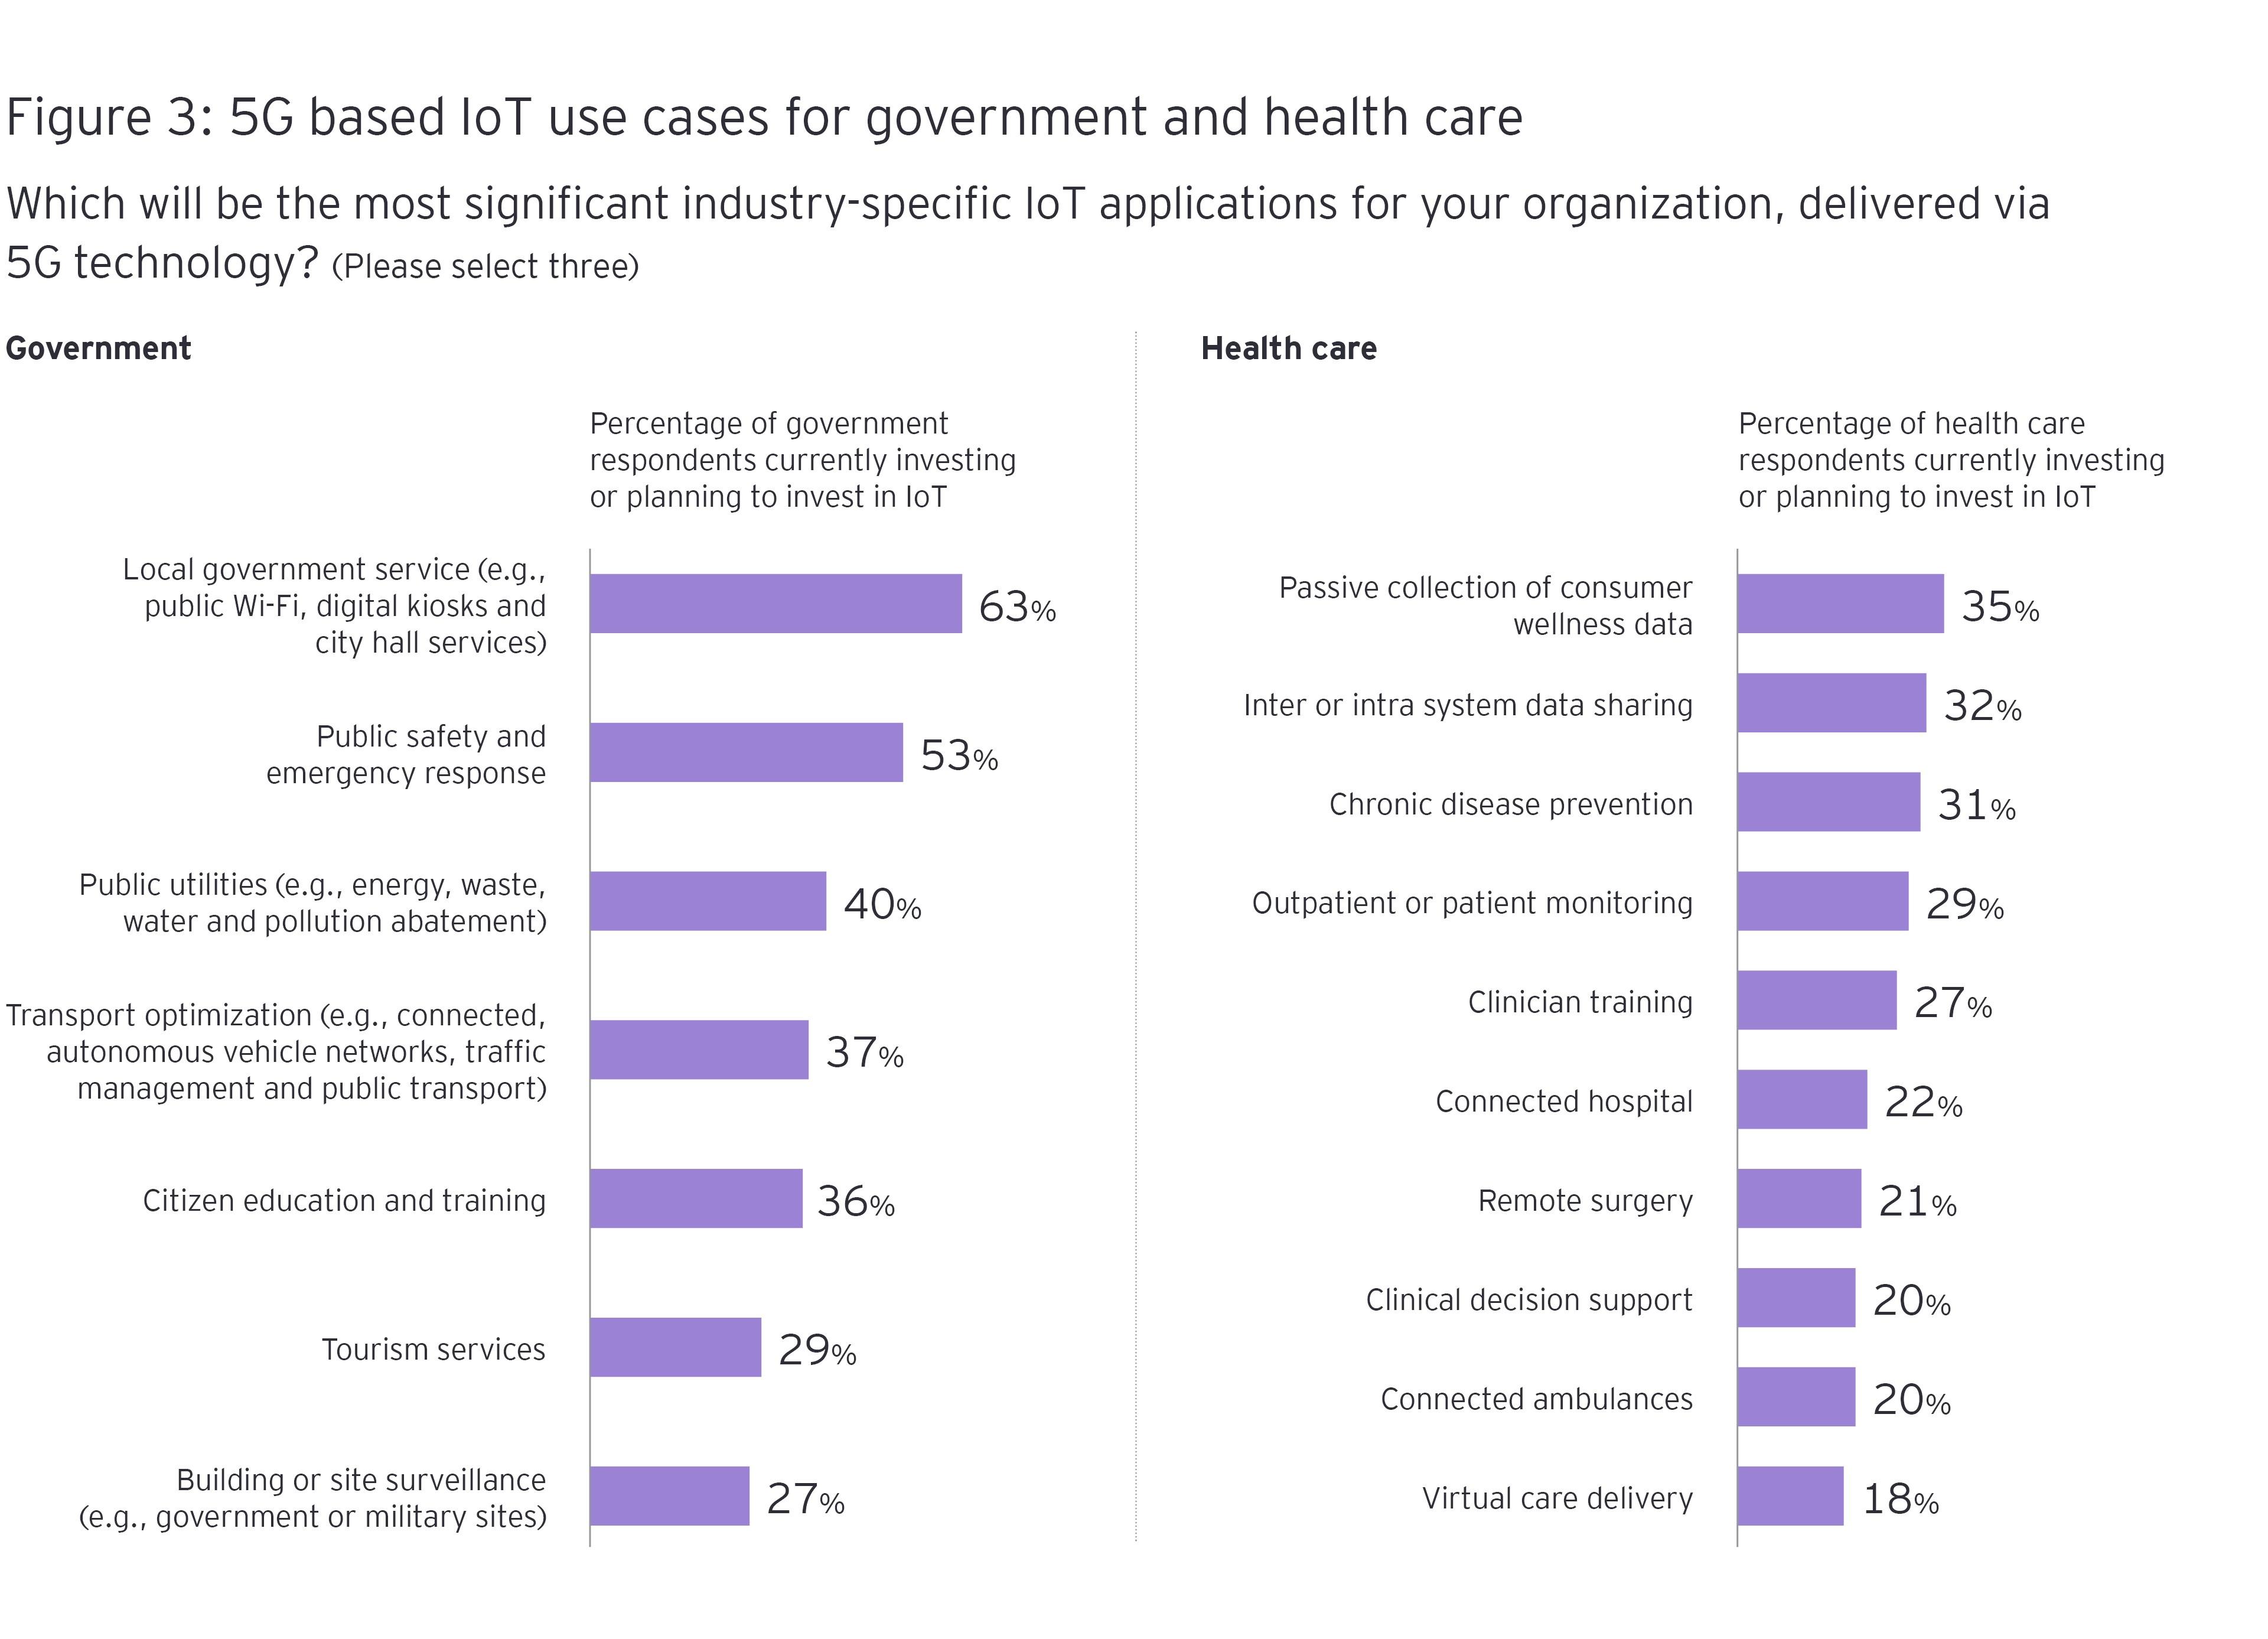 5G-pohjaiset IoT-käyttötapaukset hallinnossa ja terveydenhuollossa